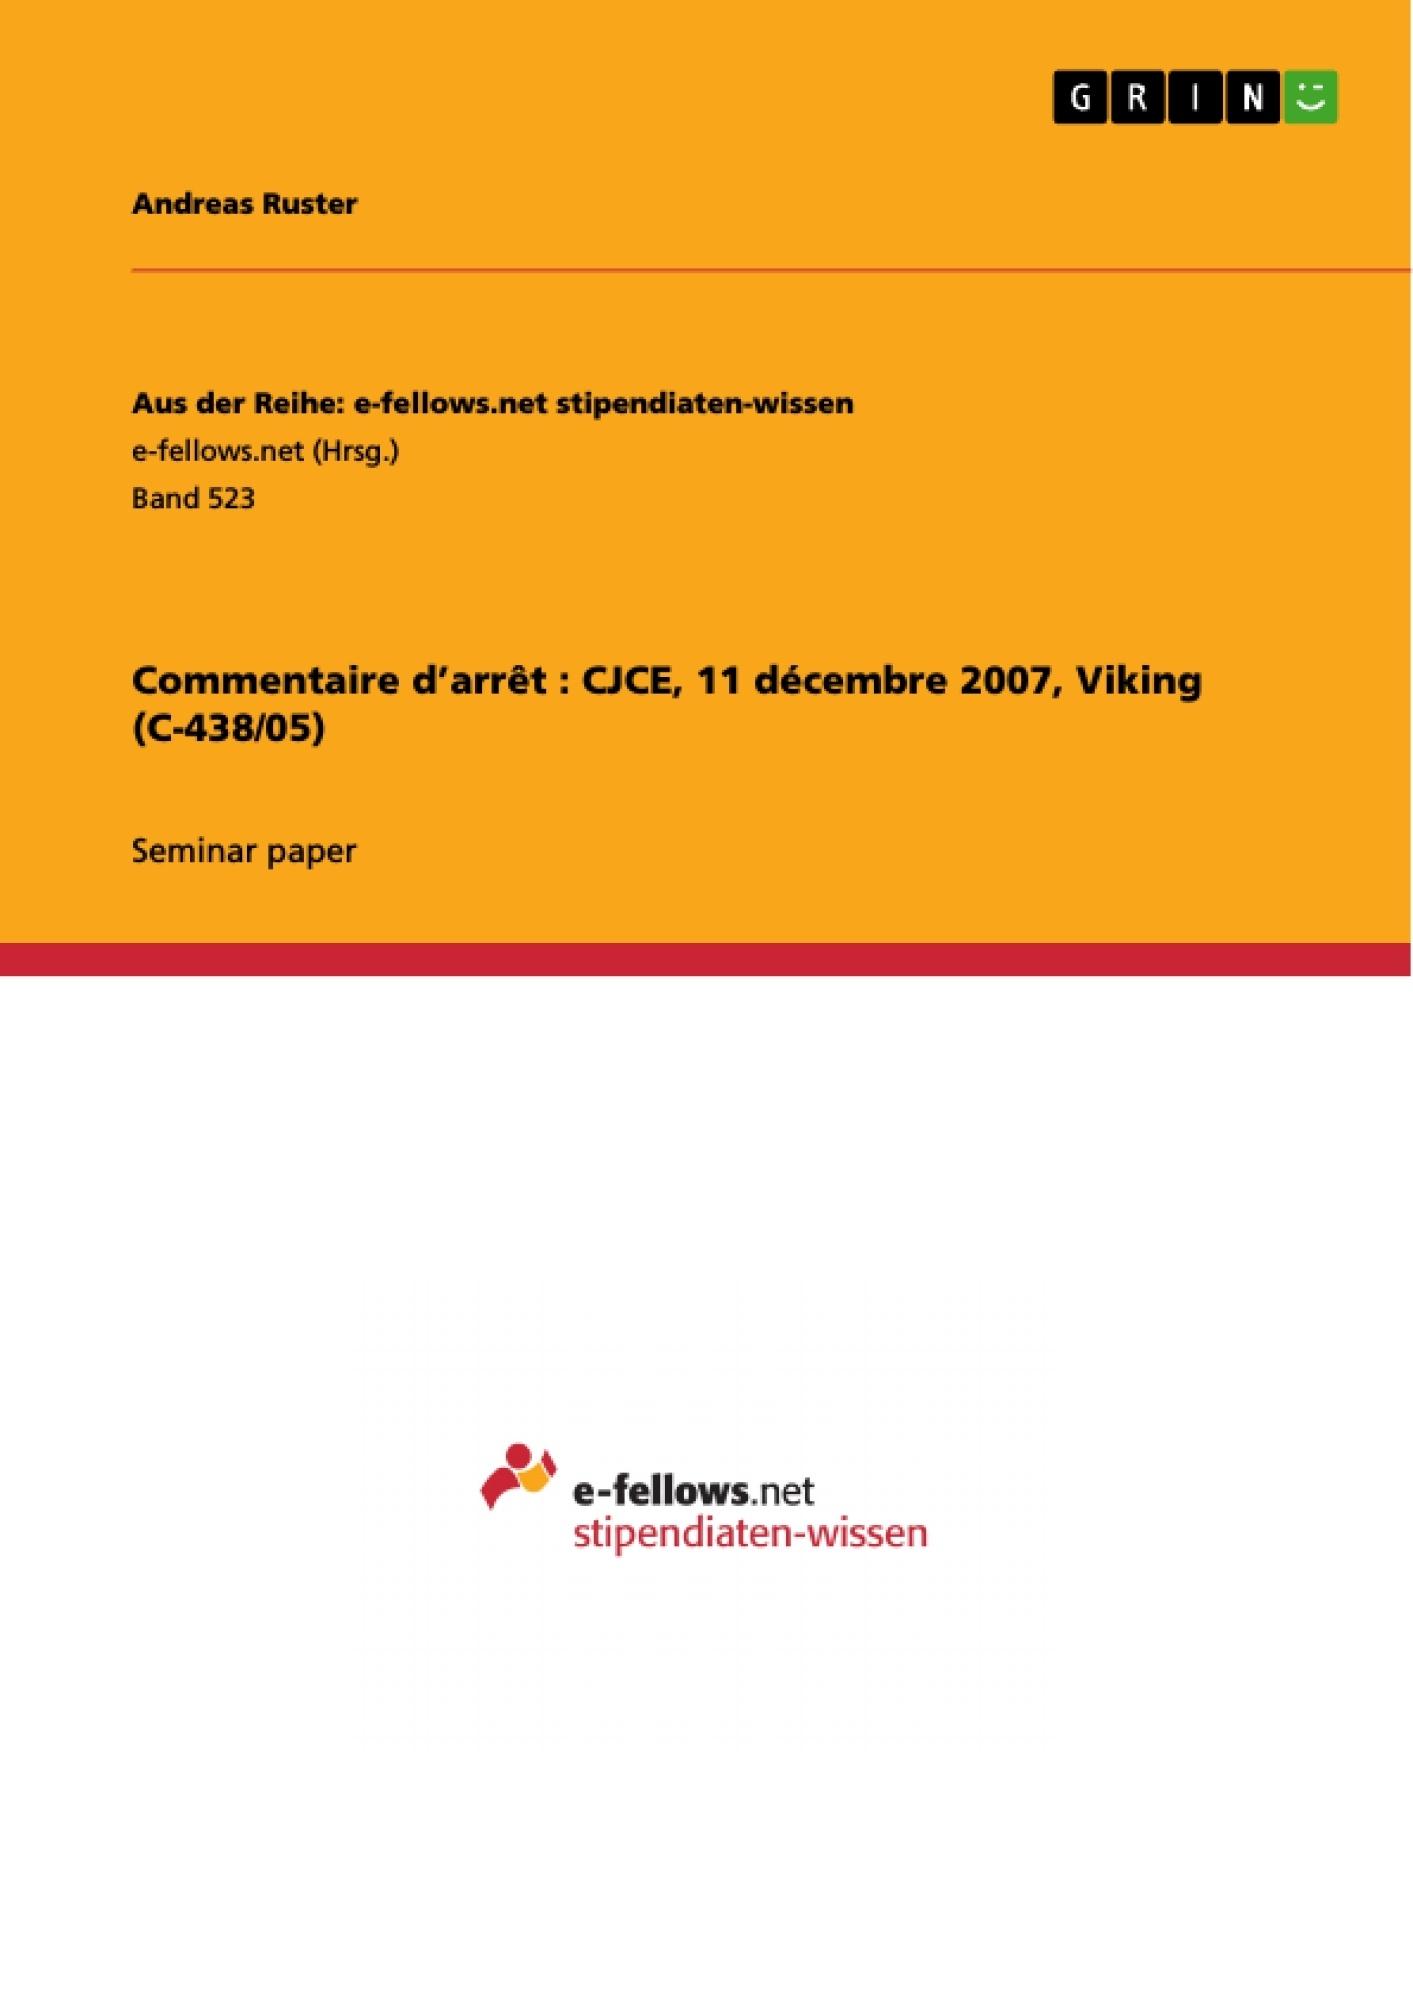 Titre: Commentaire d'arrêt : CJCE, 11 décembre 2007, Viking (C-438/05)